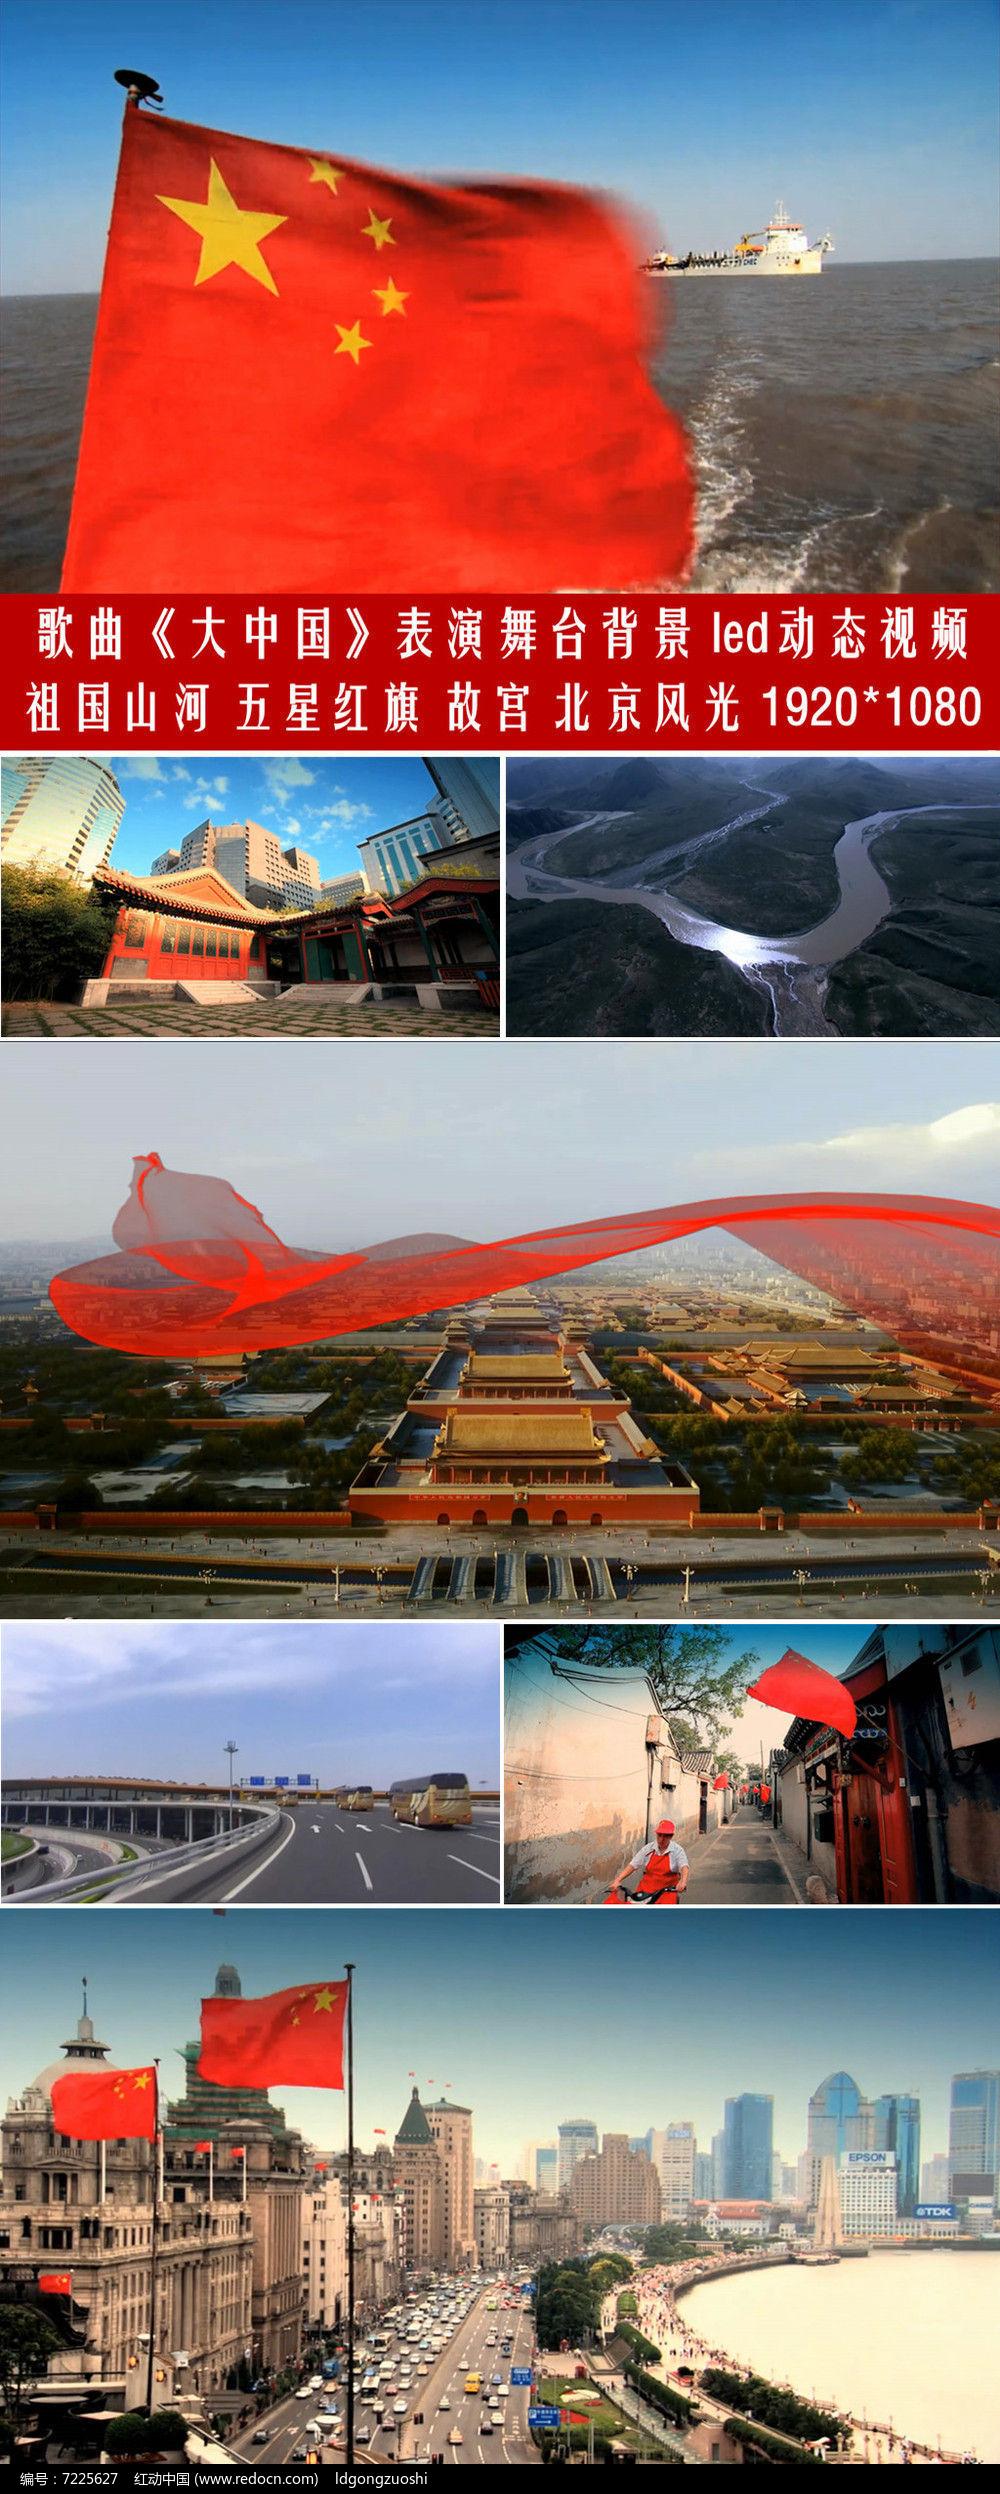 大中国舞台背景祖国山河led动态视频